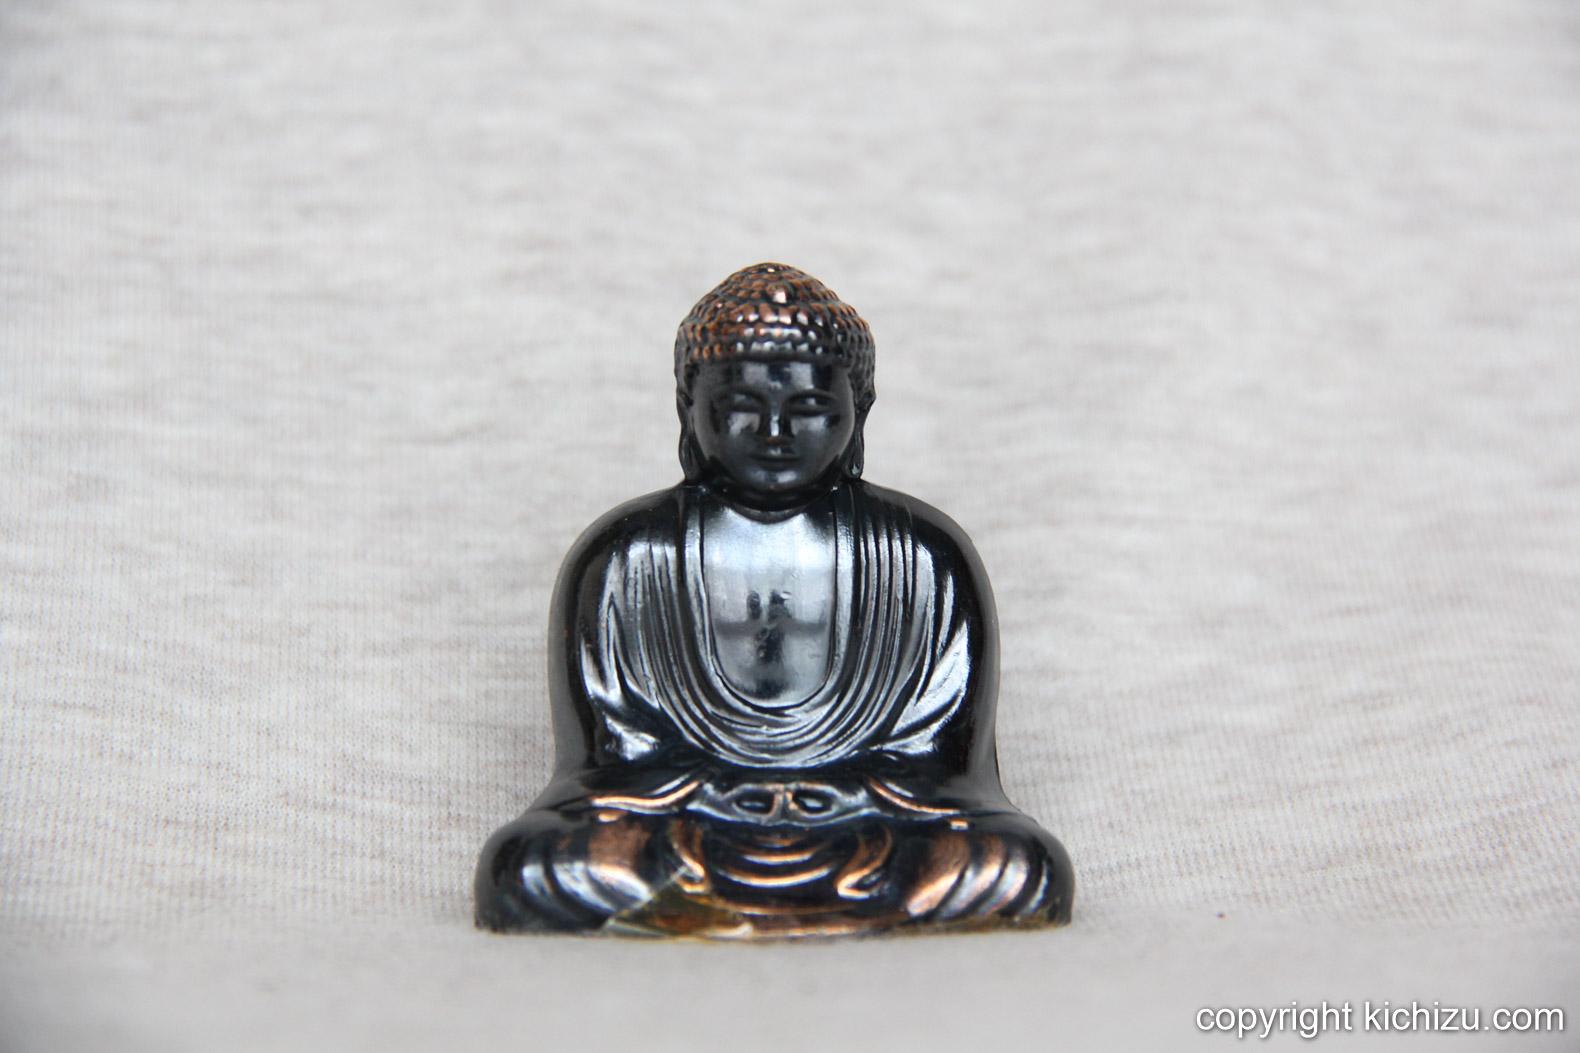 銅・黒の2色で色付けされた像。